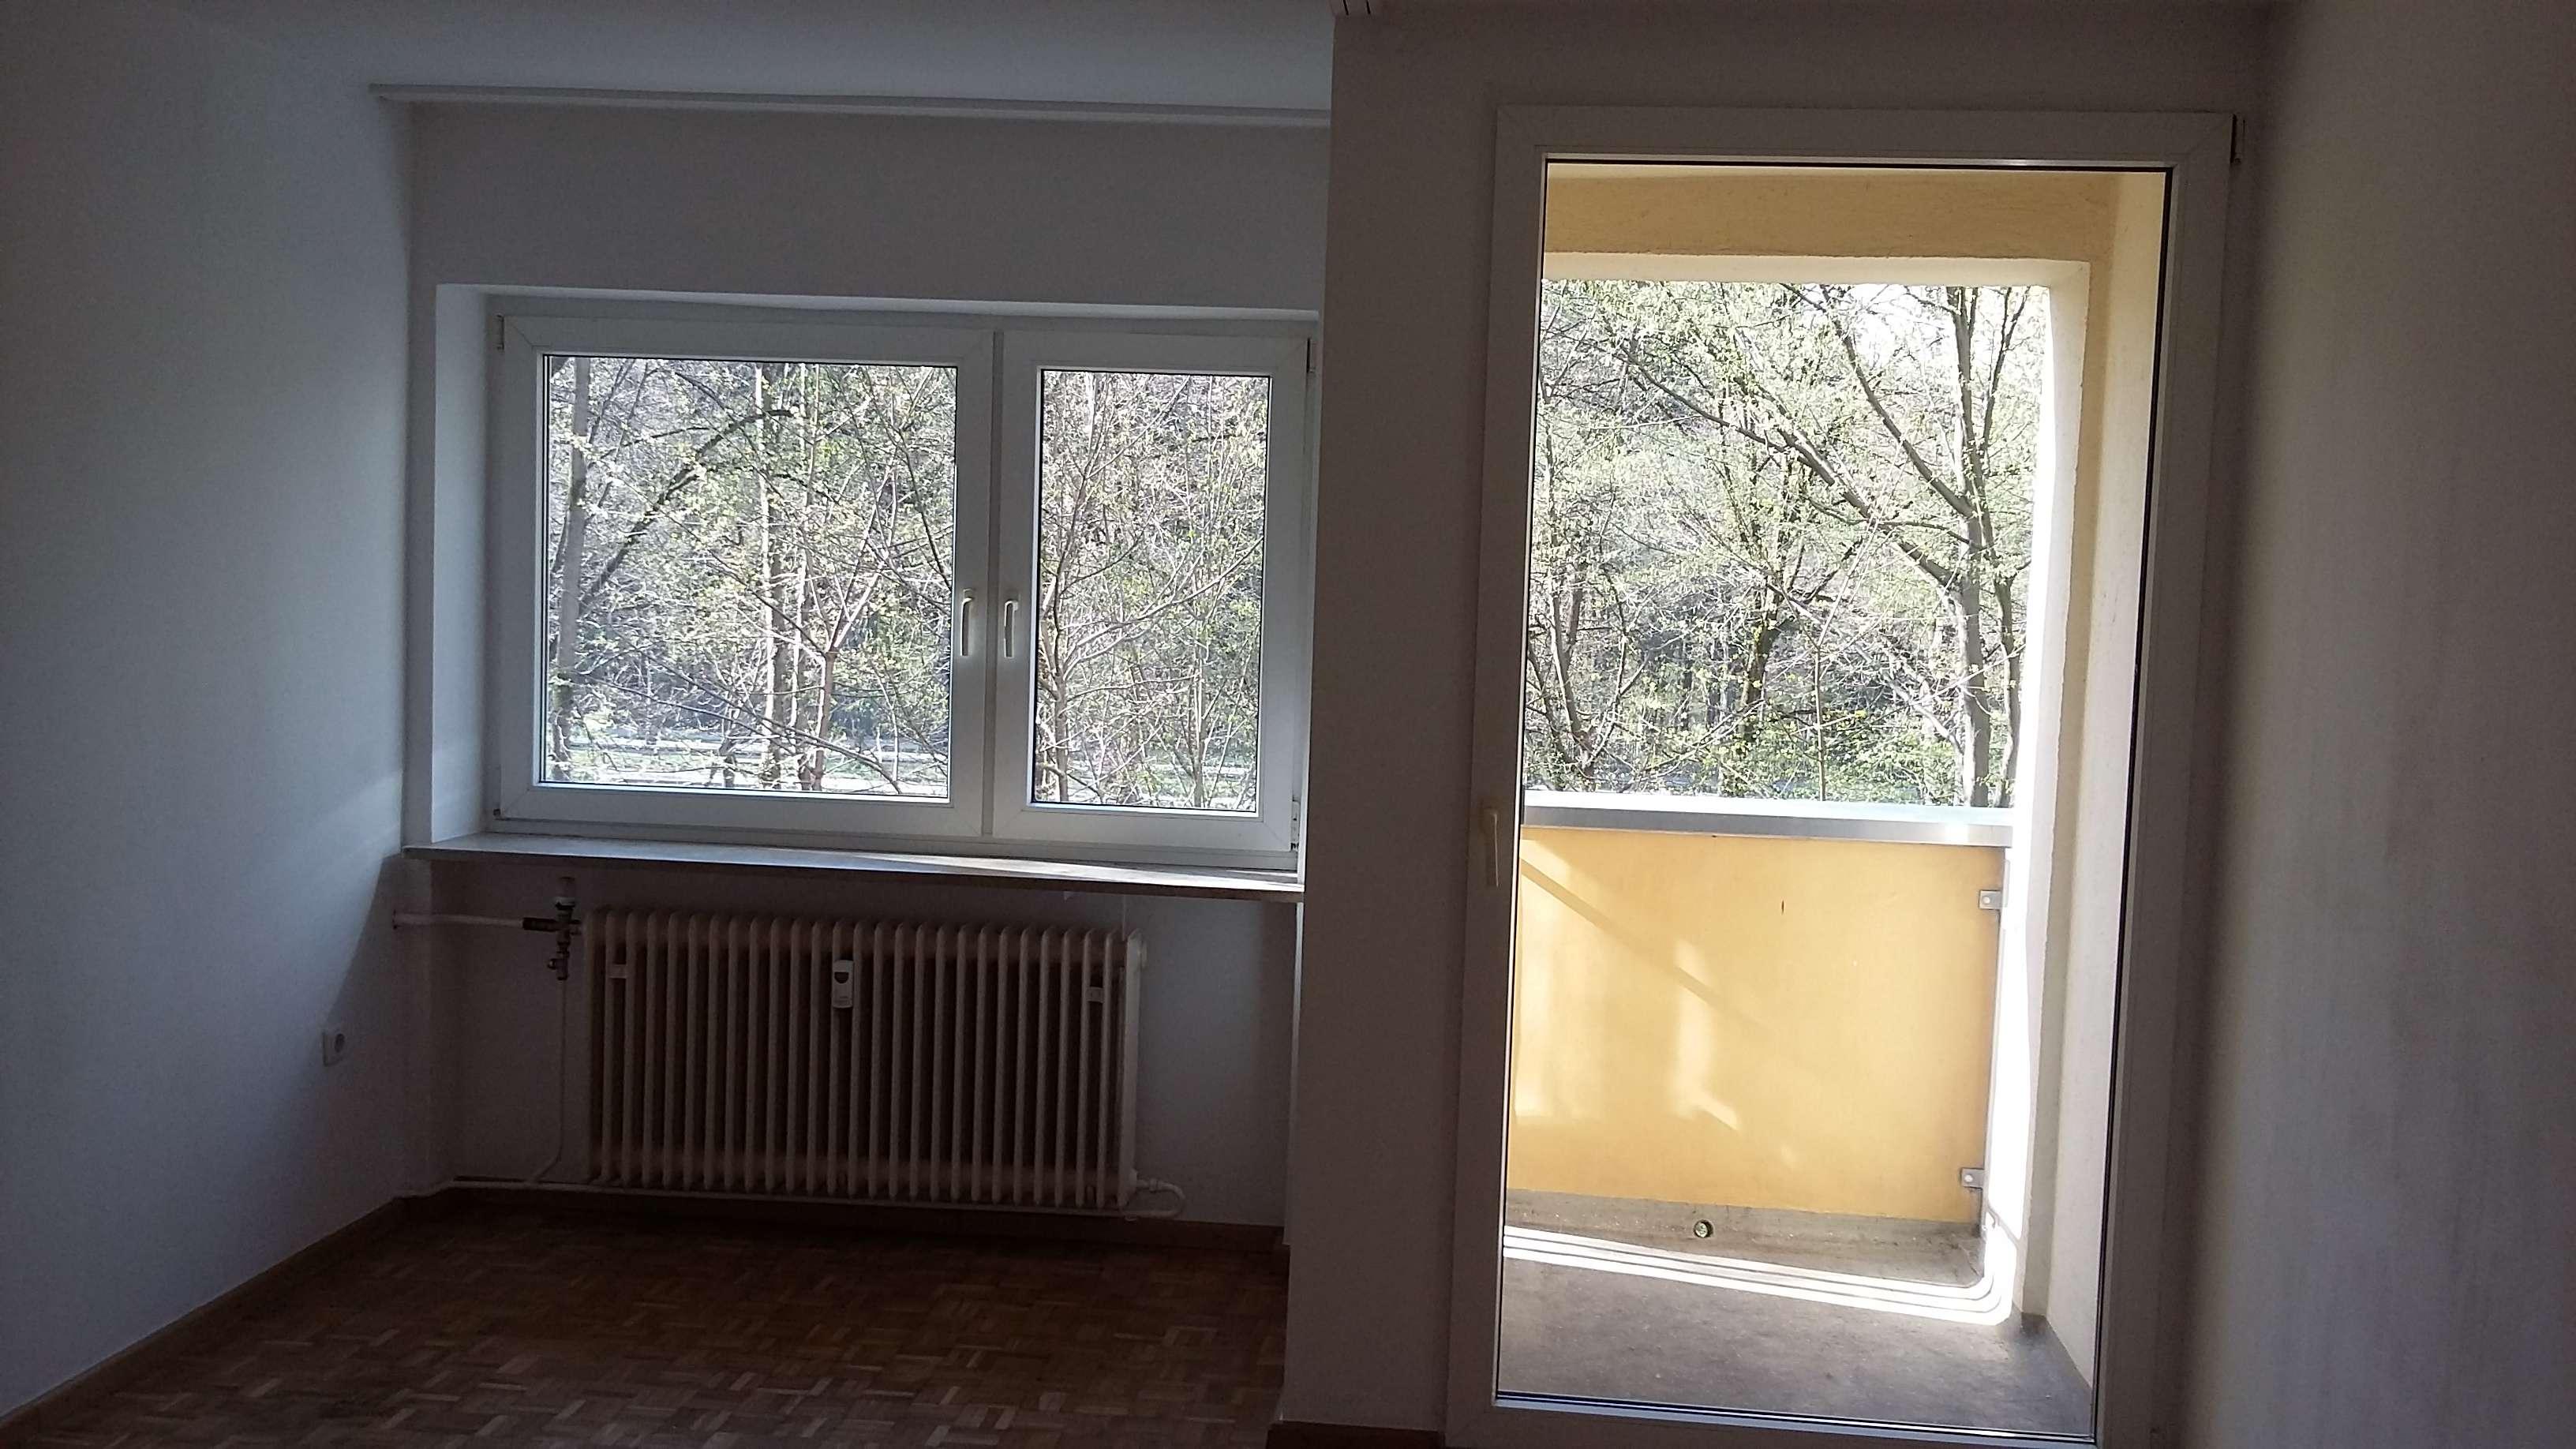 Provisionsfreie attraktive 1-Zimmer-Wohnung mit Balkon und EBK in Forstenried, München in Forstenried (München)